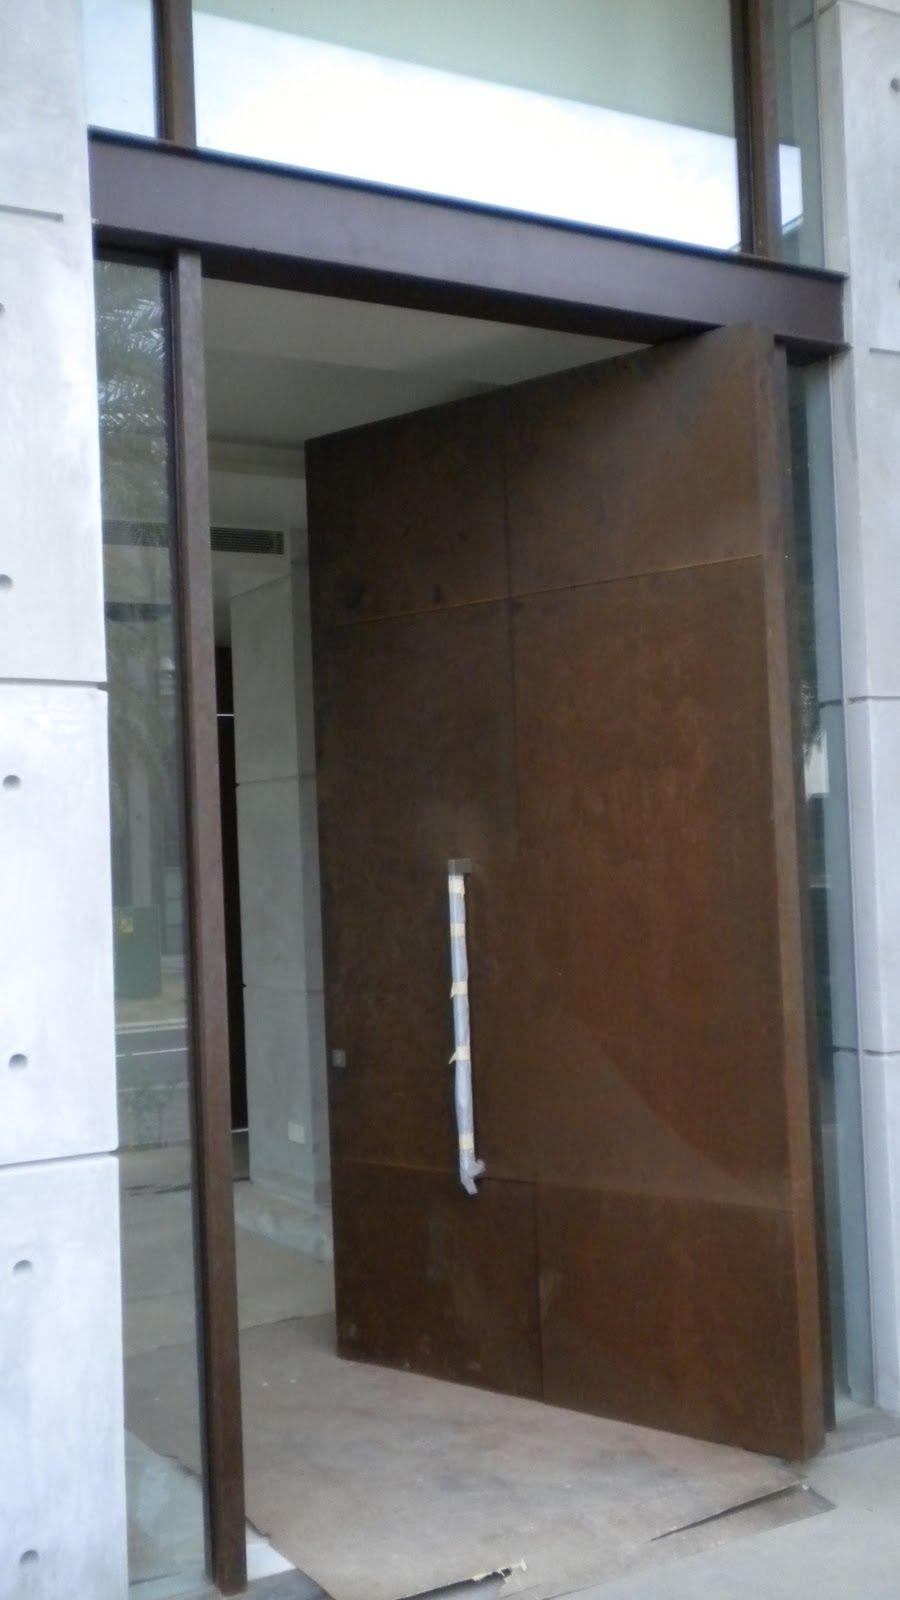 Incroyable Corten Steel Designs And Engineering: Corten Doors And Wall By Newport